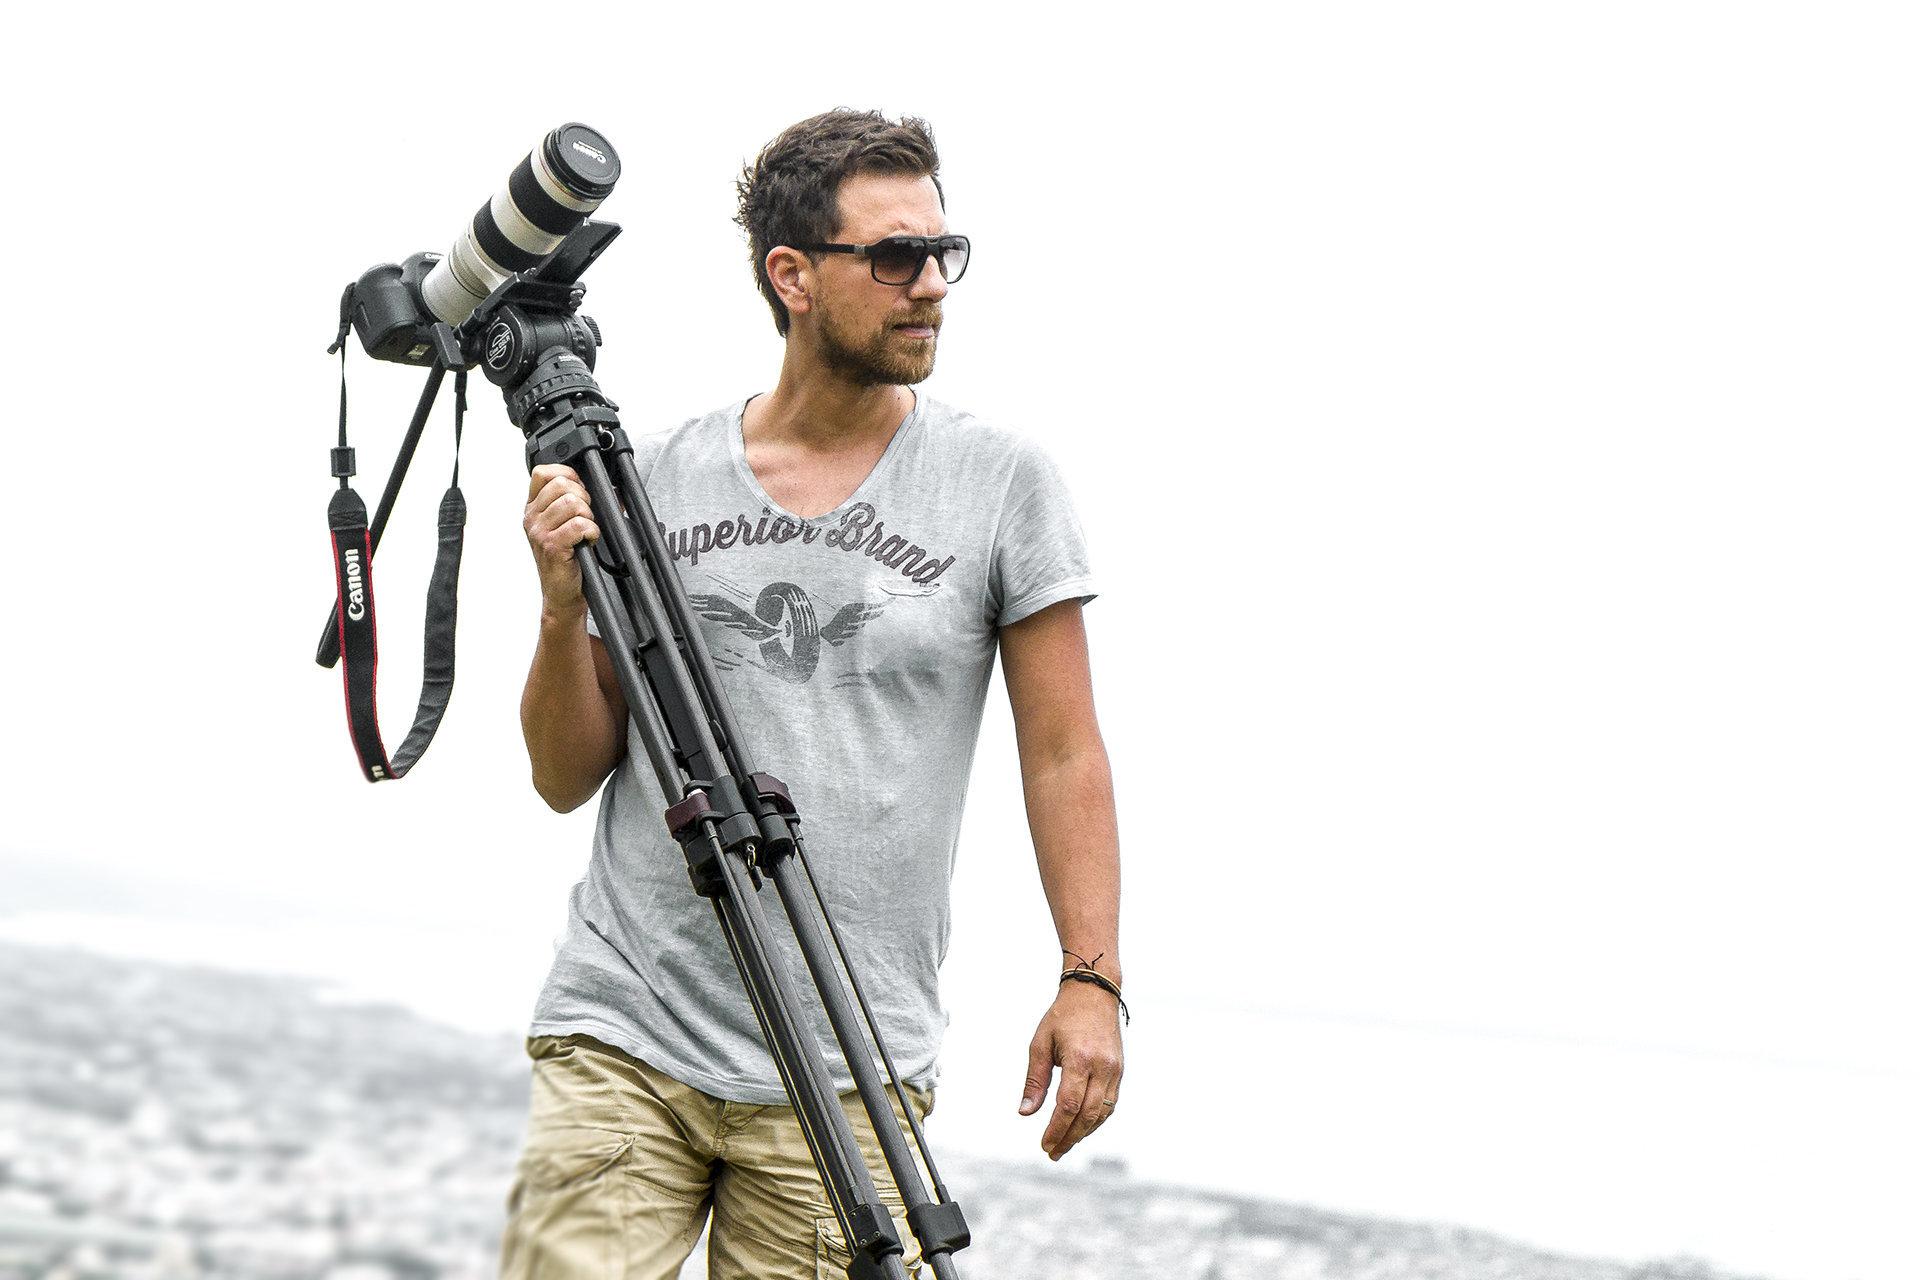 Αλέξανδρος Μαραγκός, ο φωτογράφος της Αθήνας: «H ιδέα υπήρχε εδώ και πολλά χρόνια. Ήθελα να κάνω κάτι για την